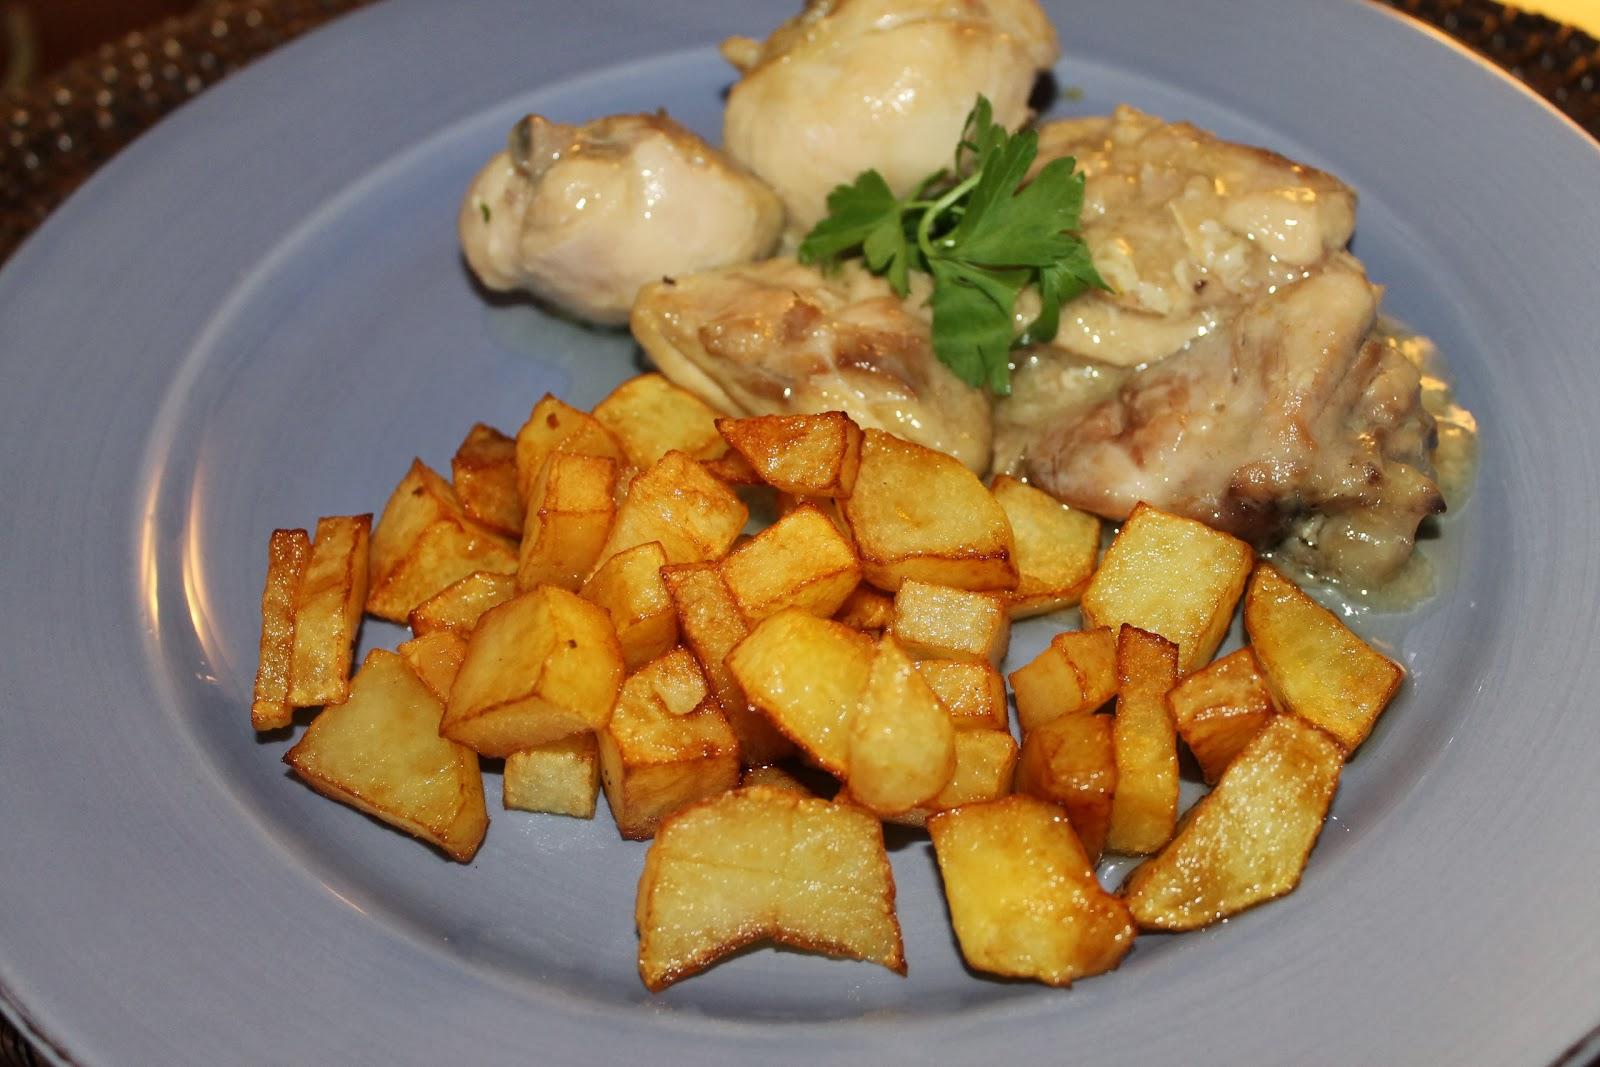 Cocina de nuestro tiempo pollo al ajillo - Cocinar pollo al ajillo ...